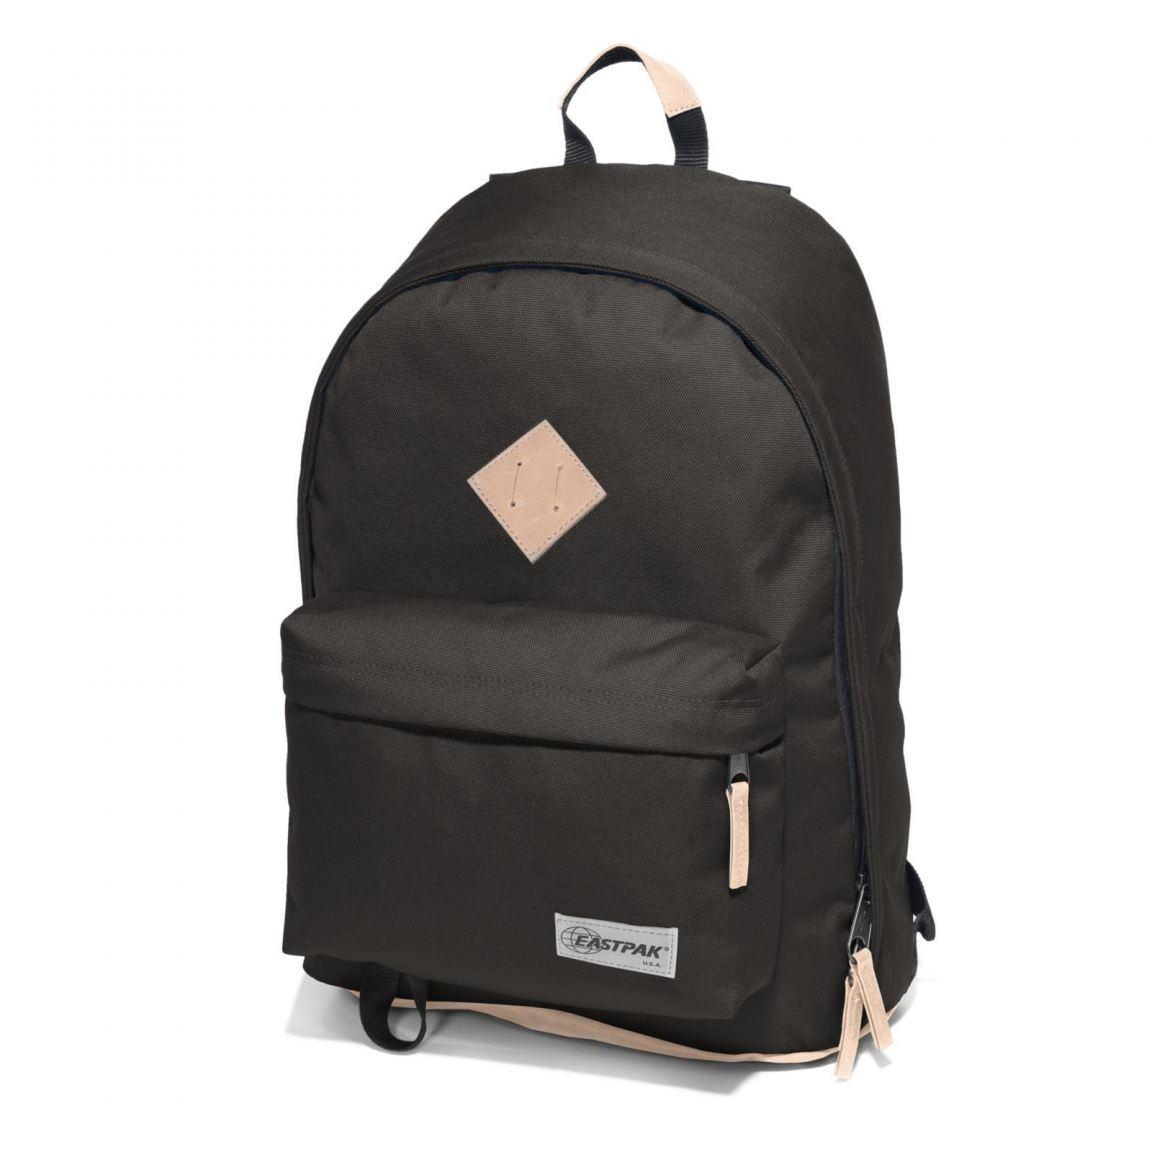 Rucksäcke Eastpak Out Of Office Rucksack Schulrucksack Laptoptasche Tasche Black Schwarz